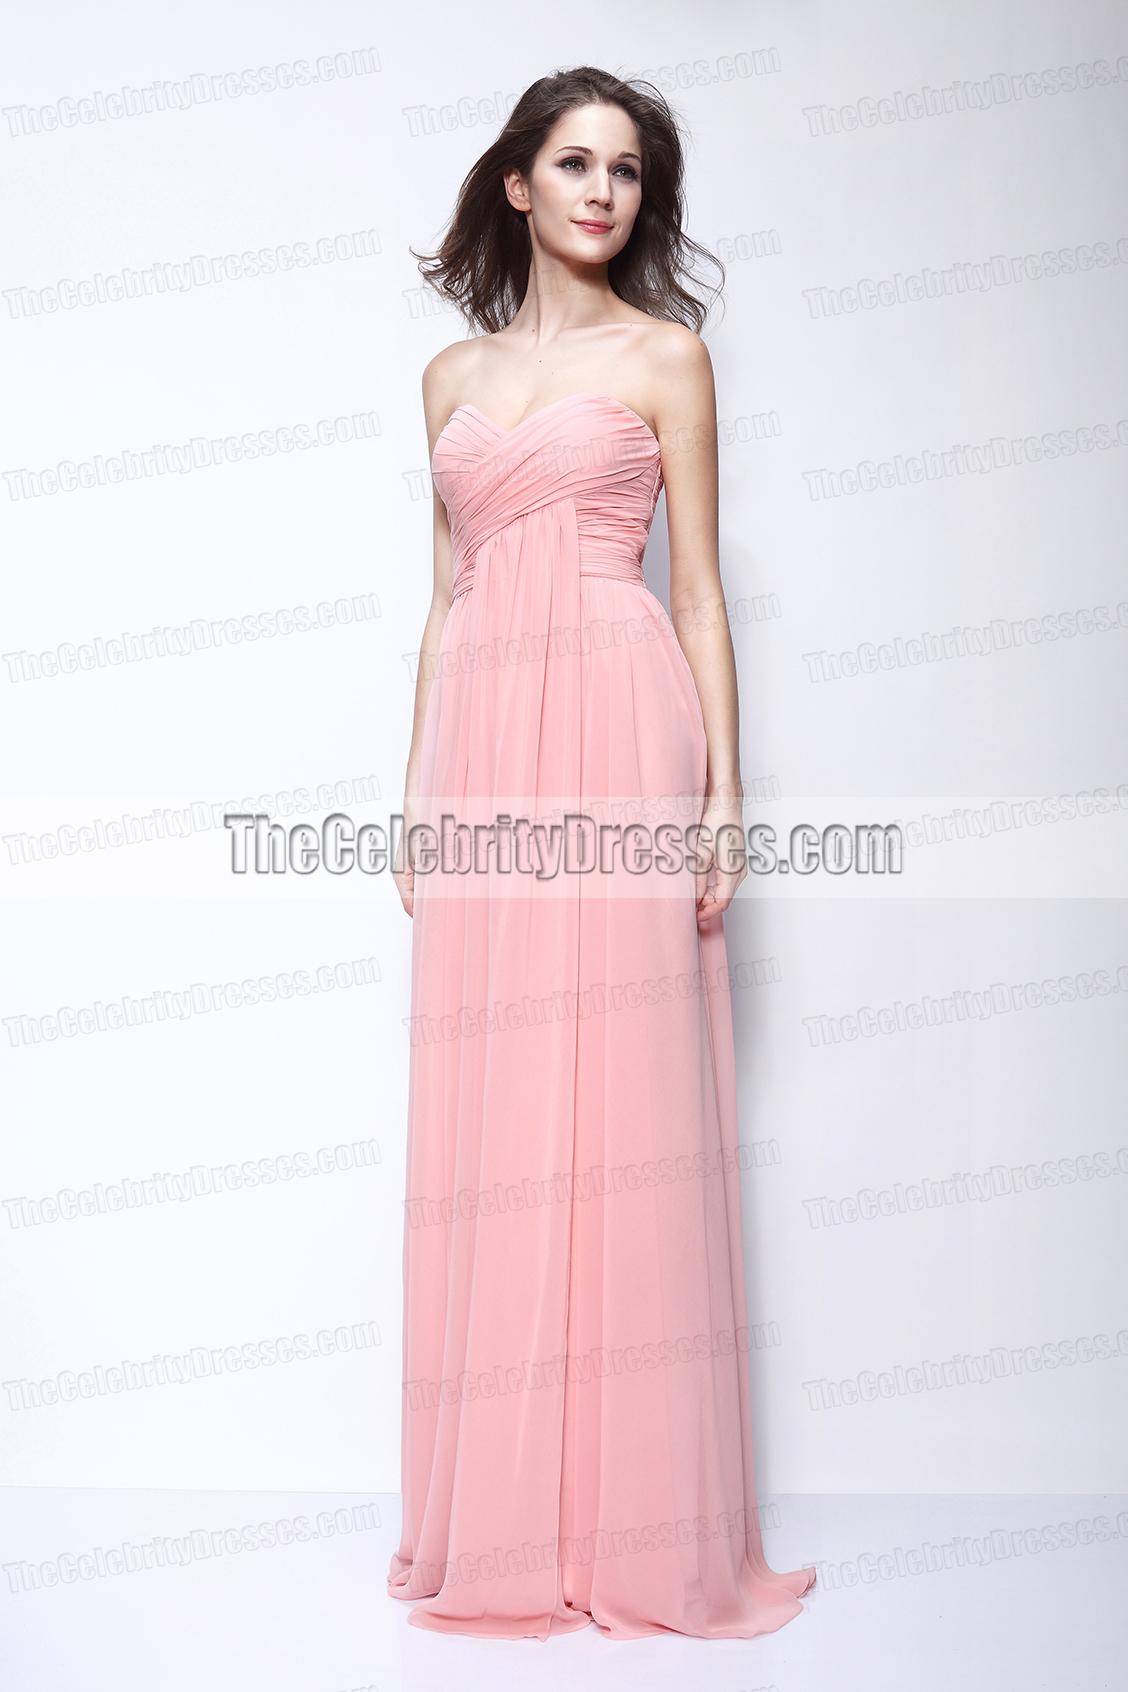 Único Prom Vestidos Fayetteville Nc Imagen - Colección de Vestidos ...